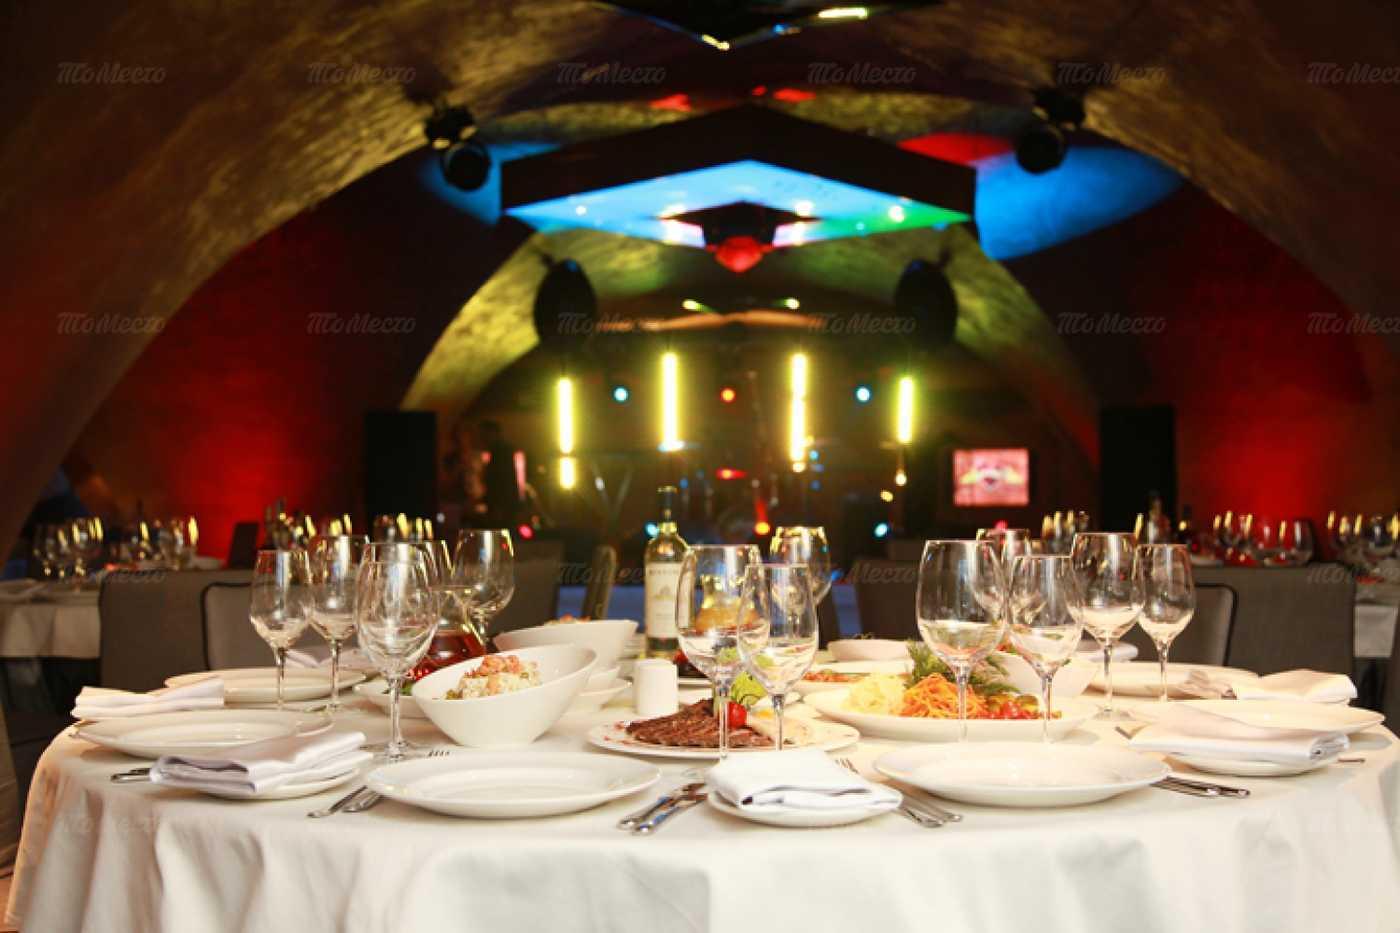 """Ресторан Банкет-холл """"Академия"""" (Academy) в Биржевом проезде фото 8"""